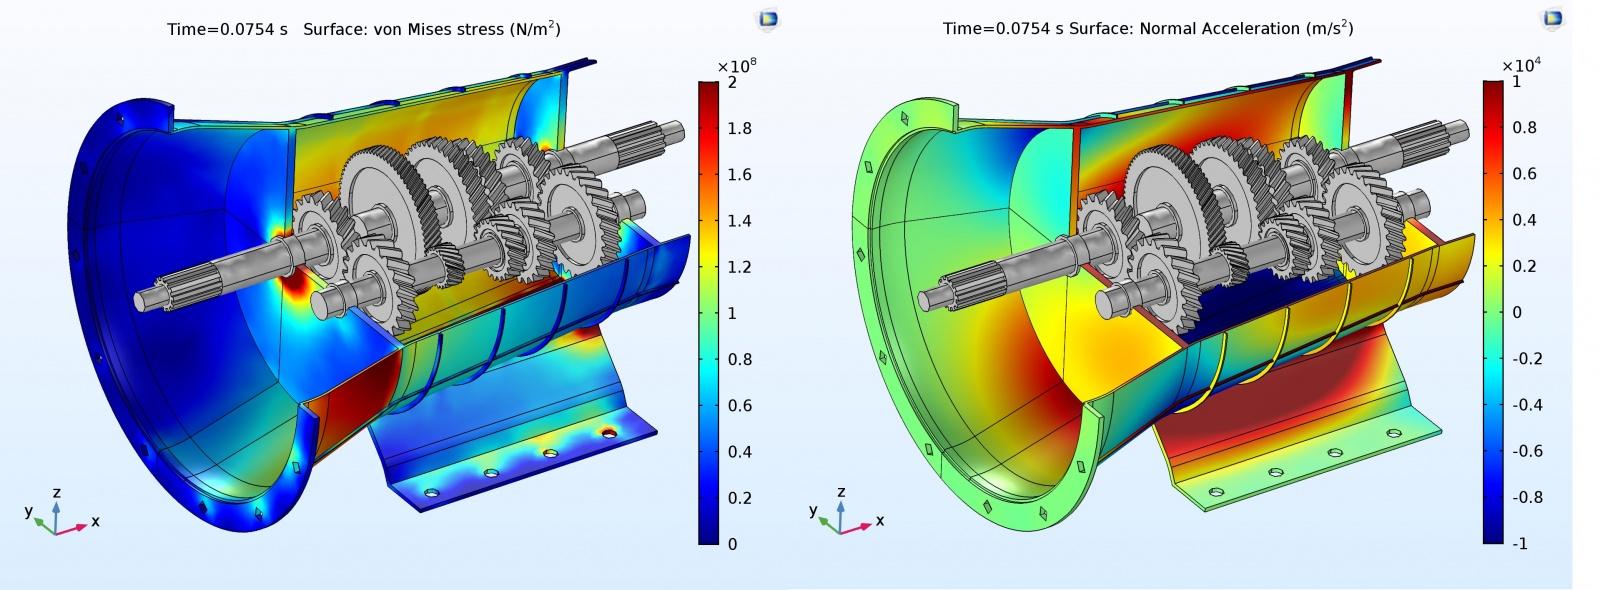 Моделирование вибраций и шума в коробке передач автомобиля - 3